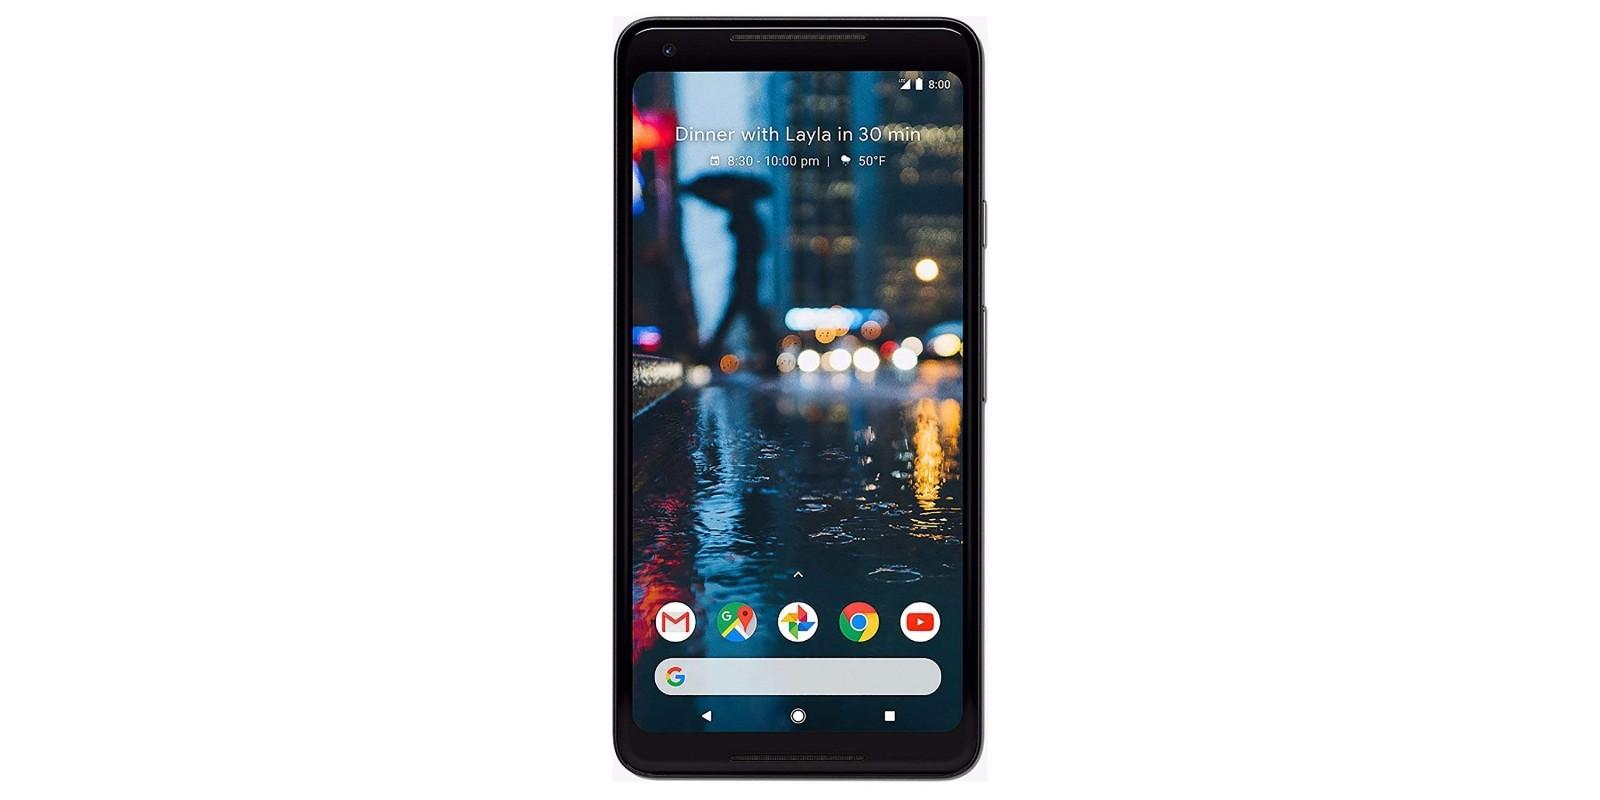 Google Pixel 2 XL 64 GB, Black (Refurbished) Main